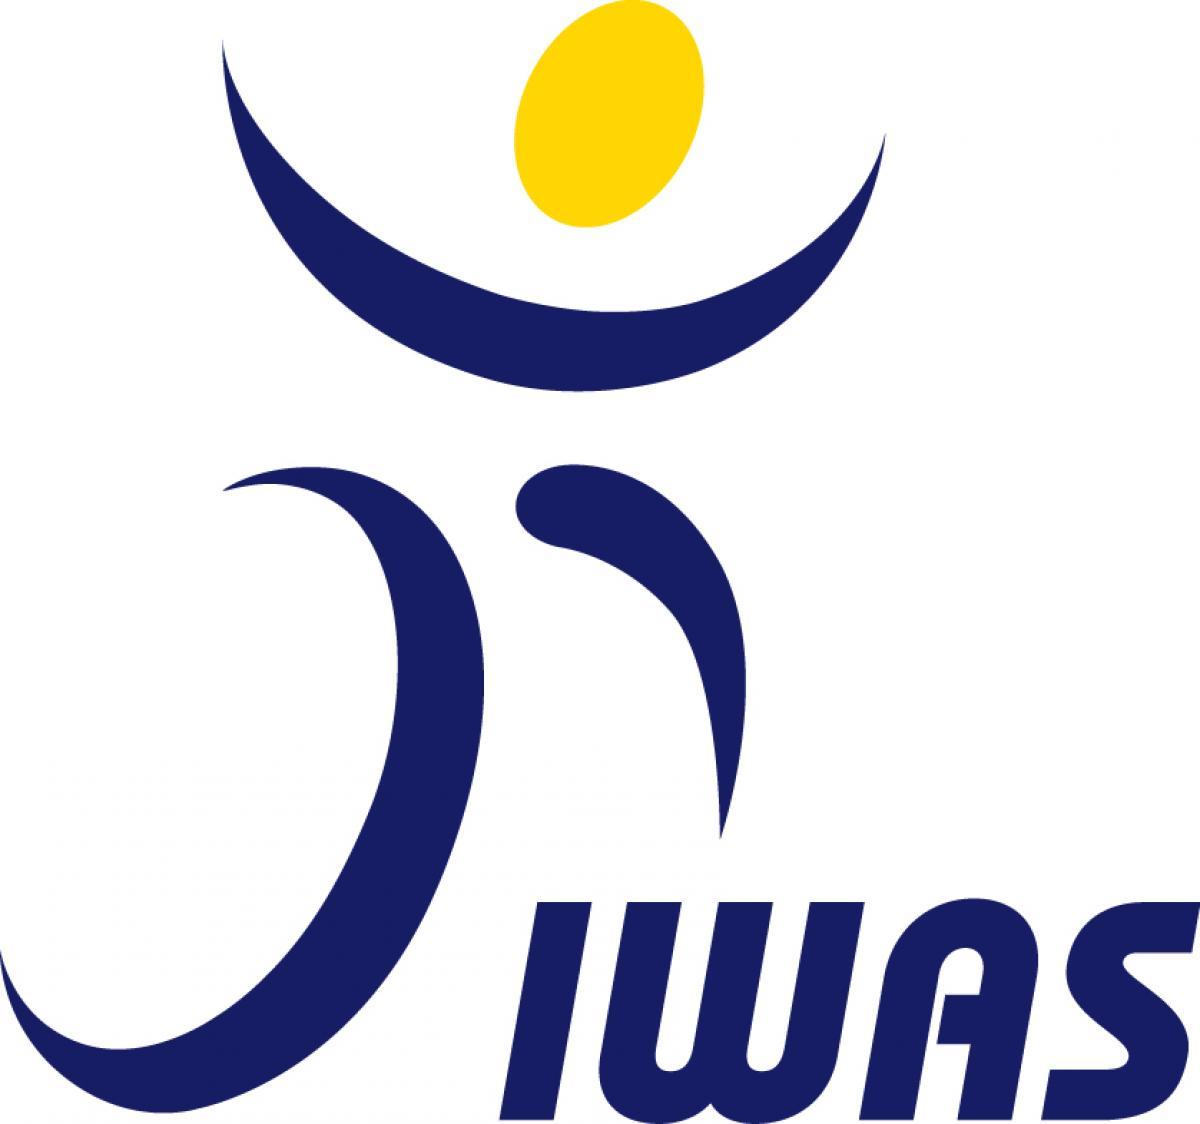 П.А. Рожков в режиме видео-конференц-связи провел совещание с президентом IWAS Руди Ван дель Аббееле и исполнительным директором IWAS Шармейн Хупер